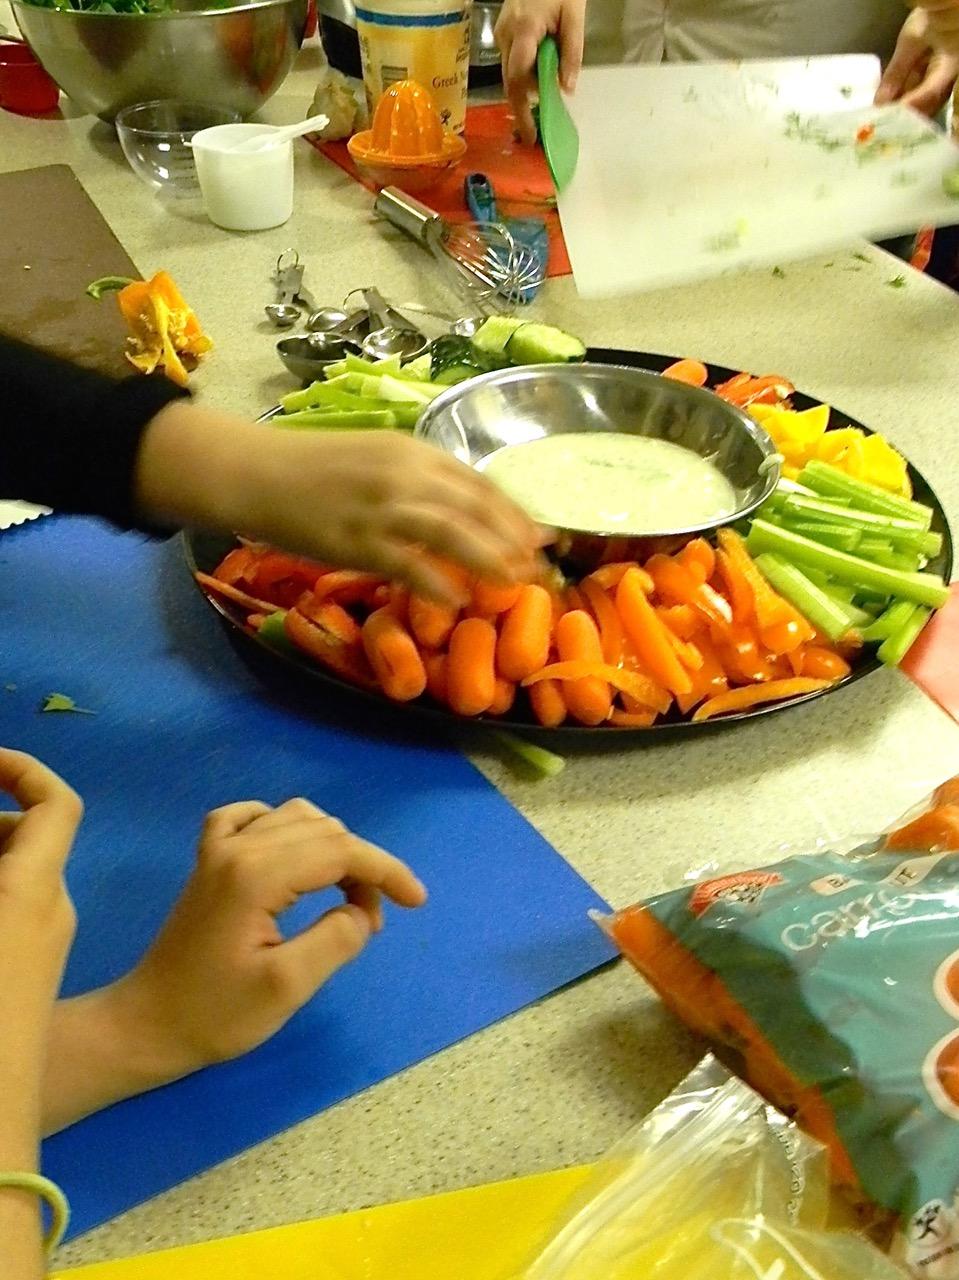 Hannaford Healthy Foods